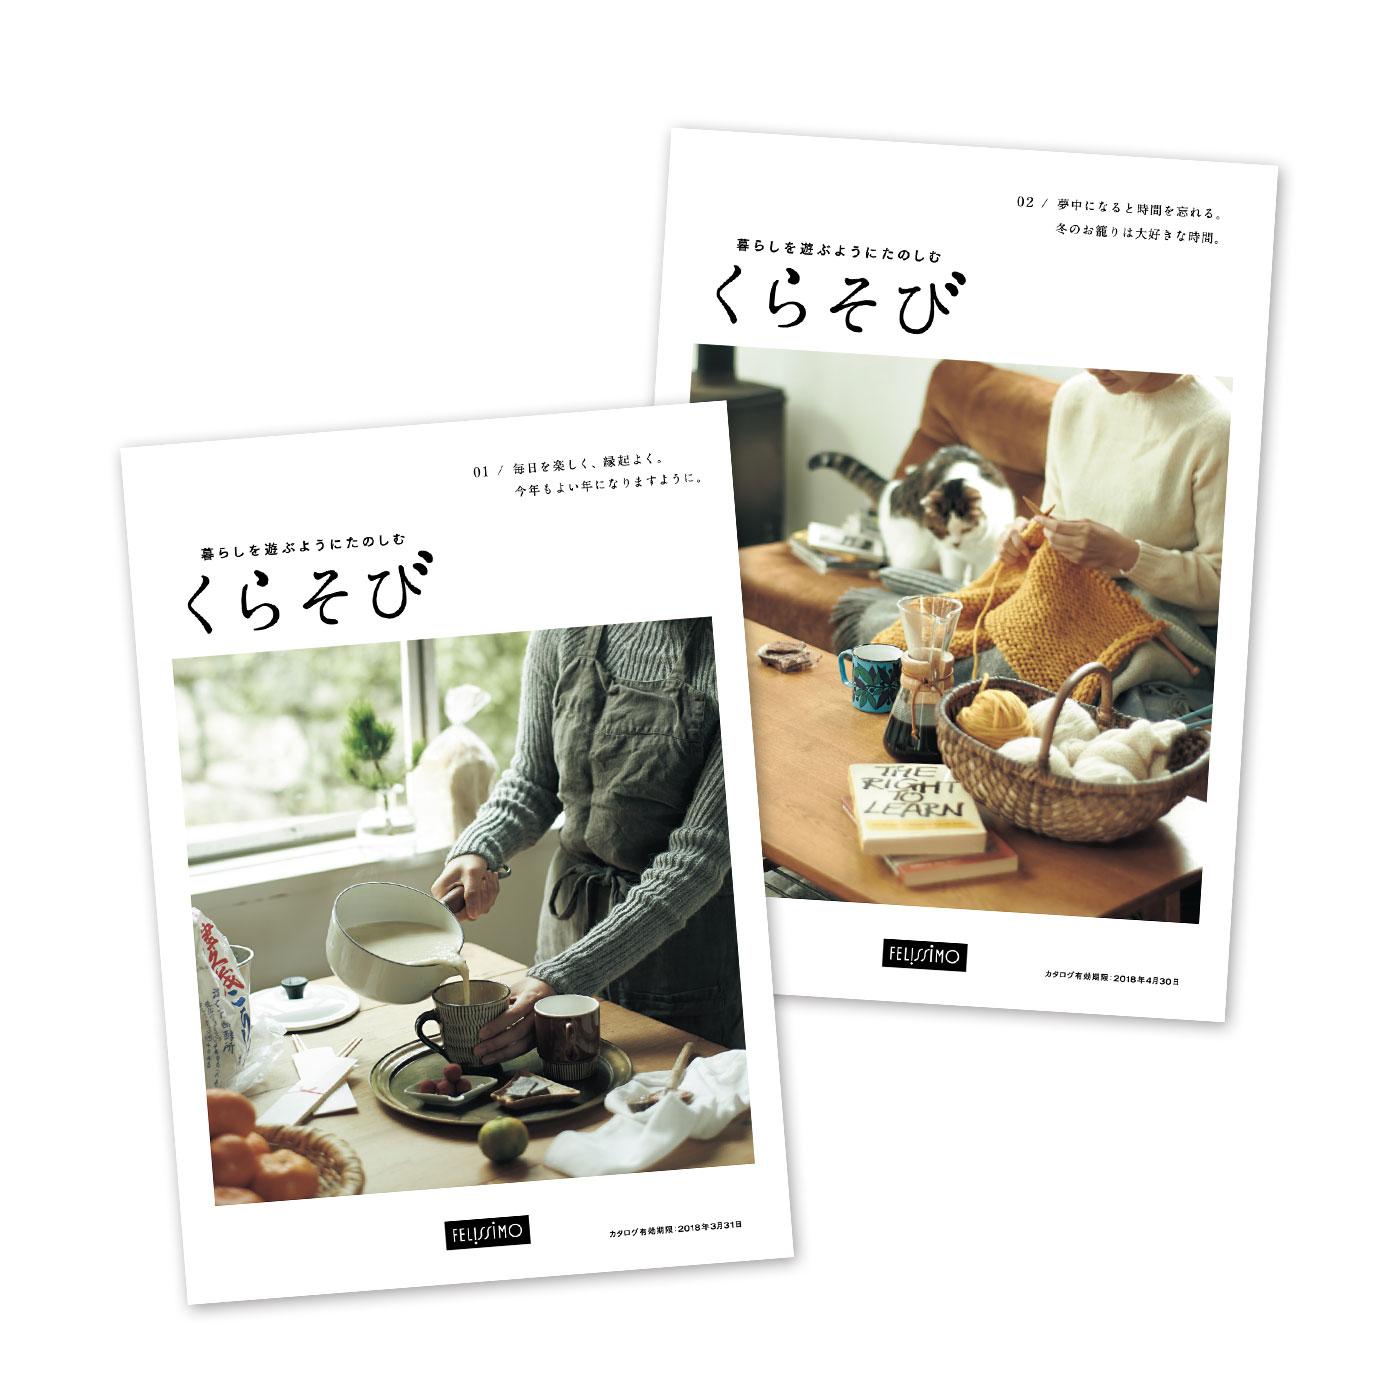 フルカラー全24ページ 暮らしのレシピ集『くらそび』が小さなしあわせのアイデアを、毎月あなたのもとへお届けします。